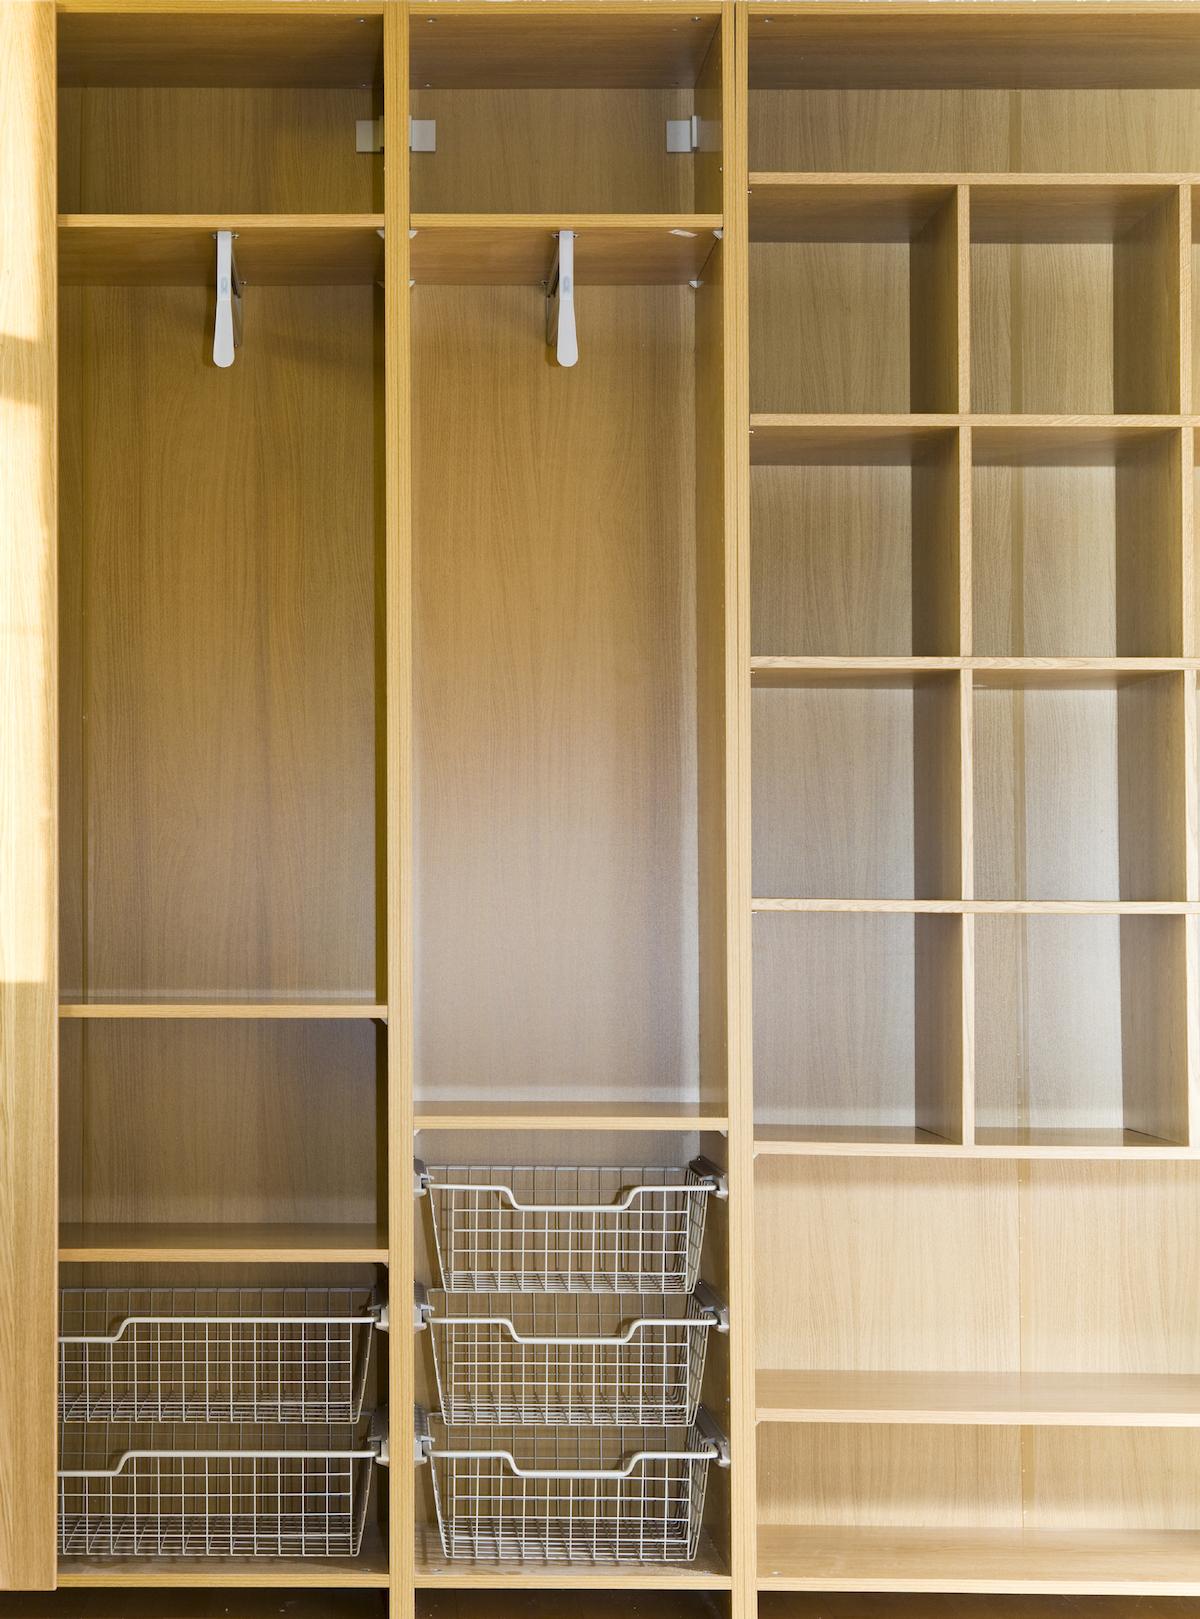 Wooden Shelves Laundry Room